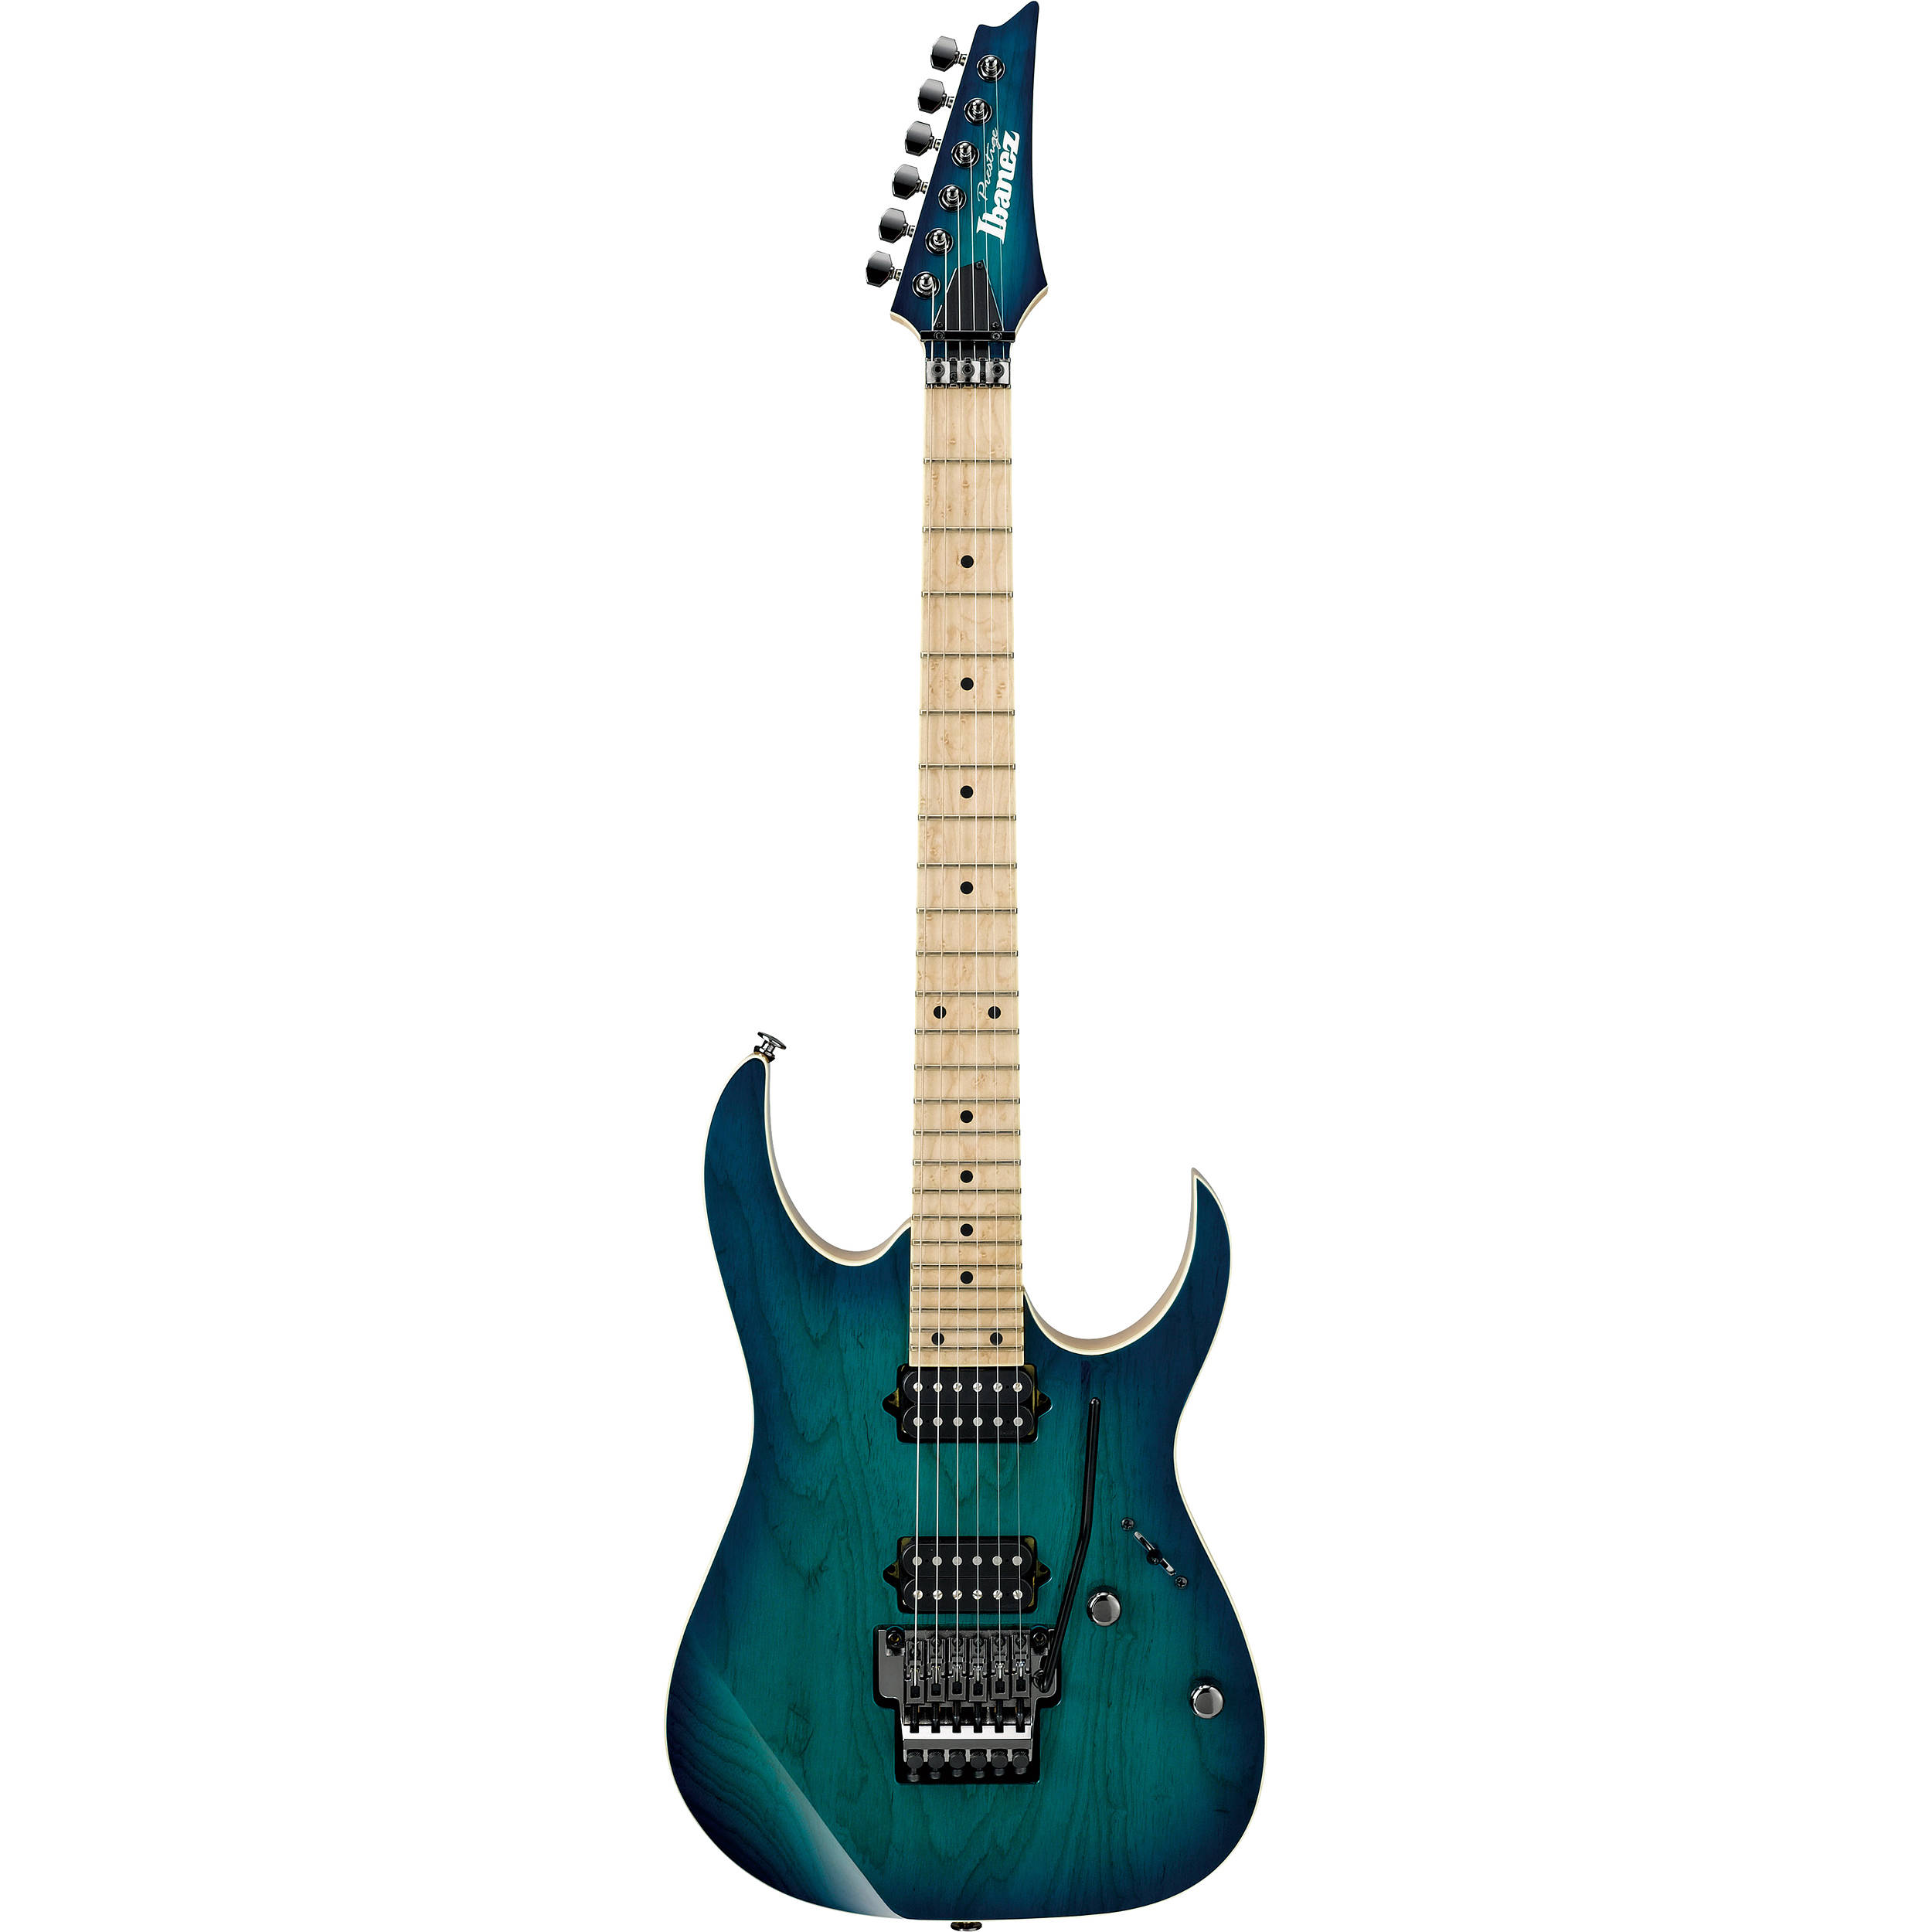 ibanez prestige rg series rg652ahm electric guitar rg652ahmngb